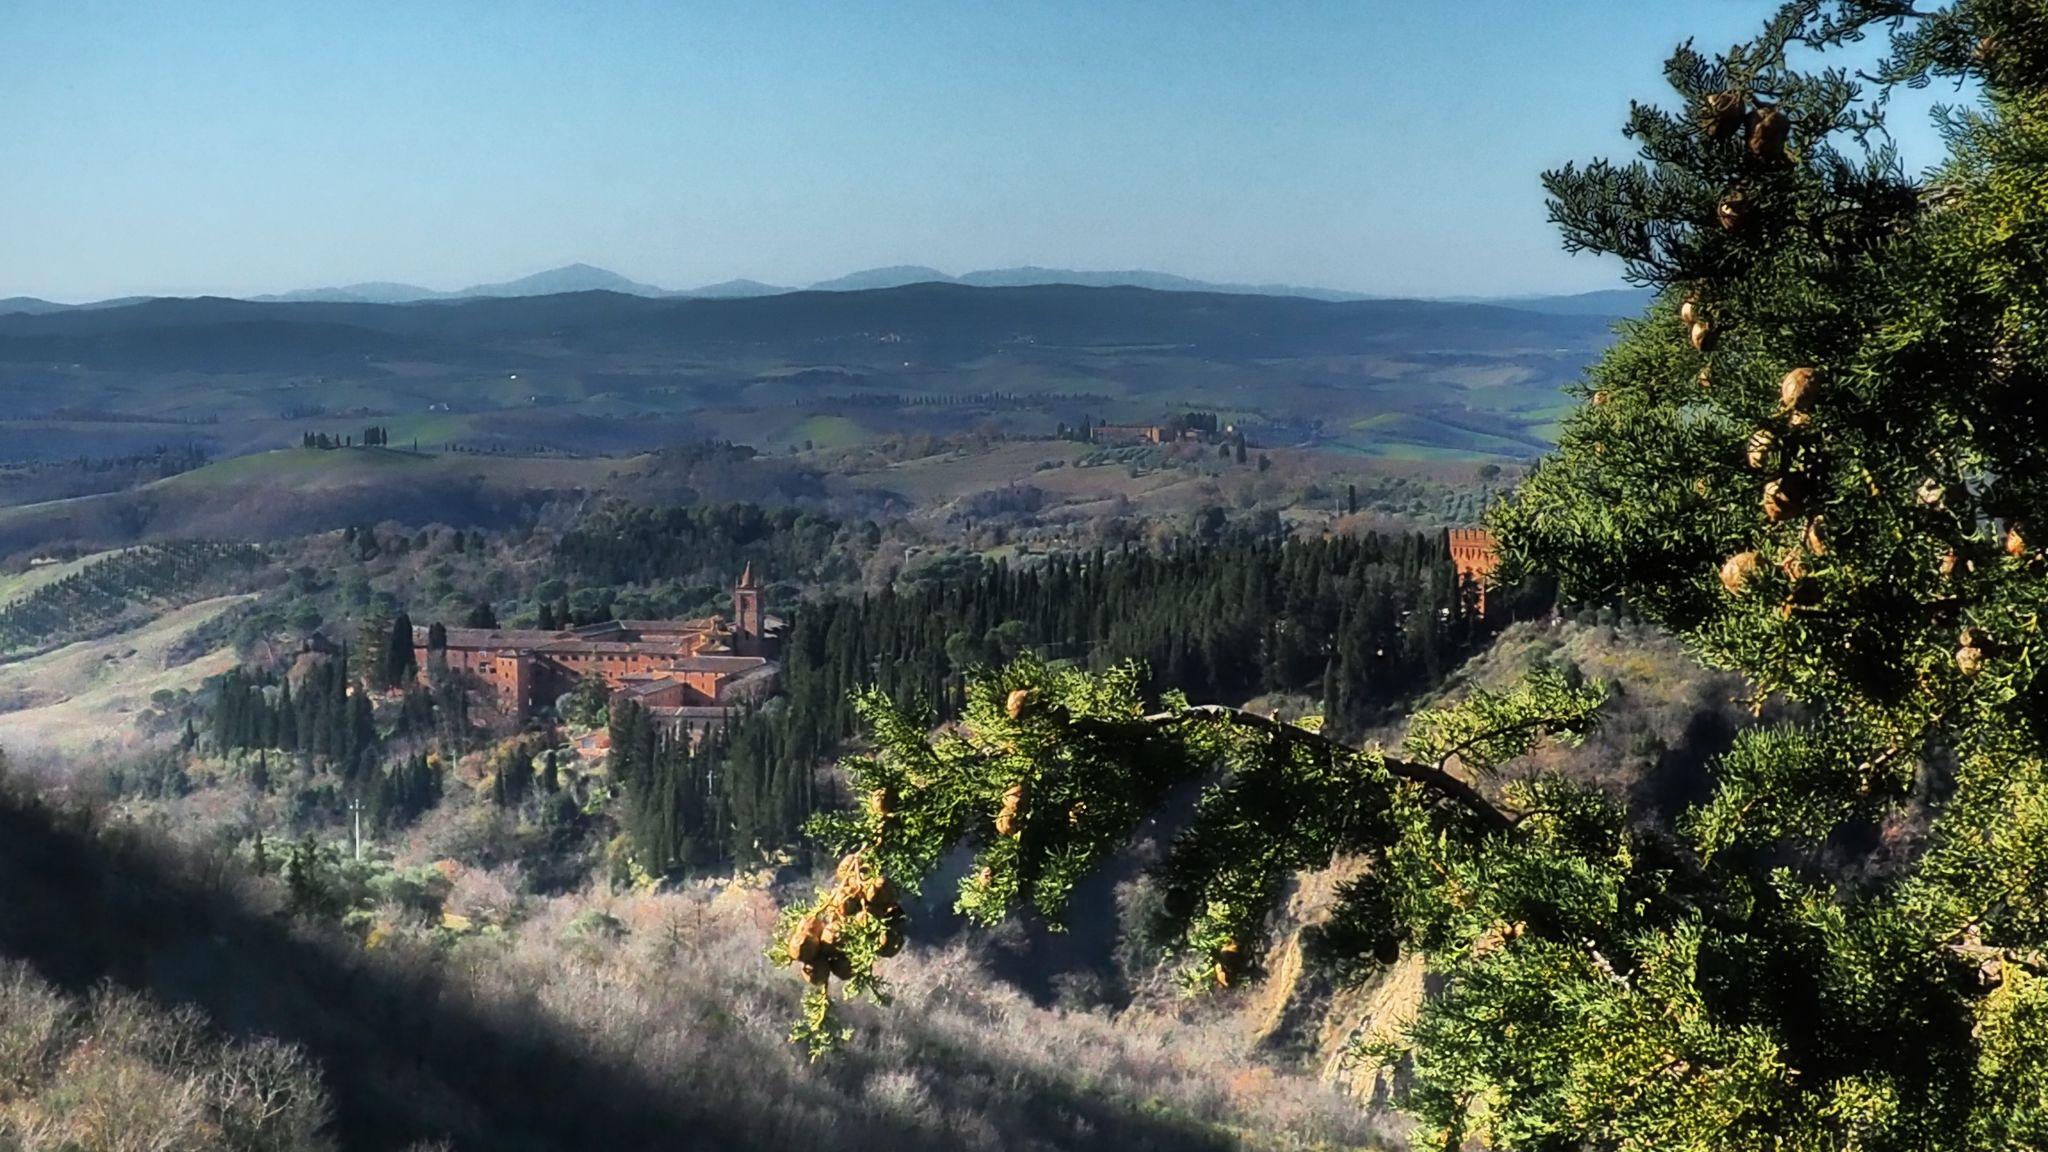 View to Monte Oliveto Maggiore, Italy